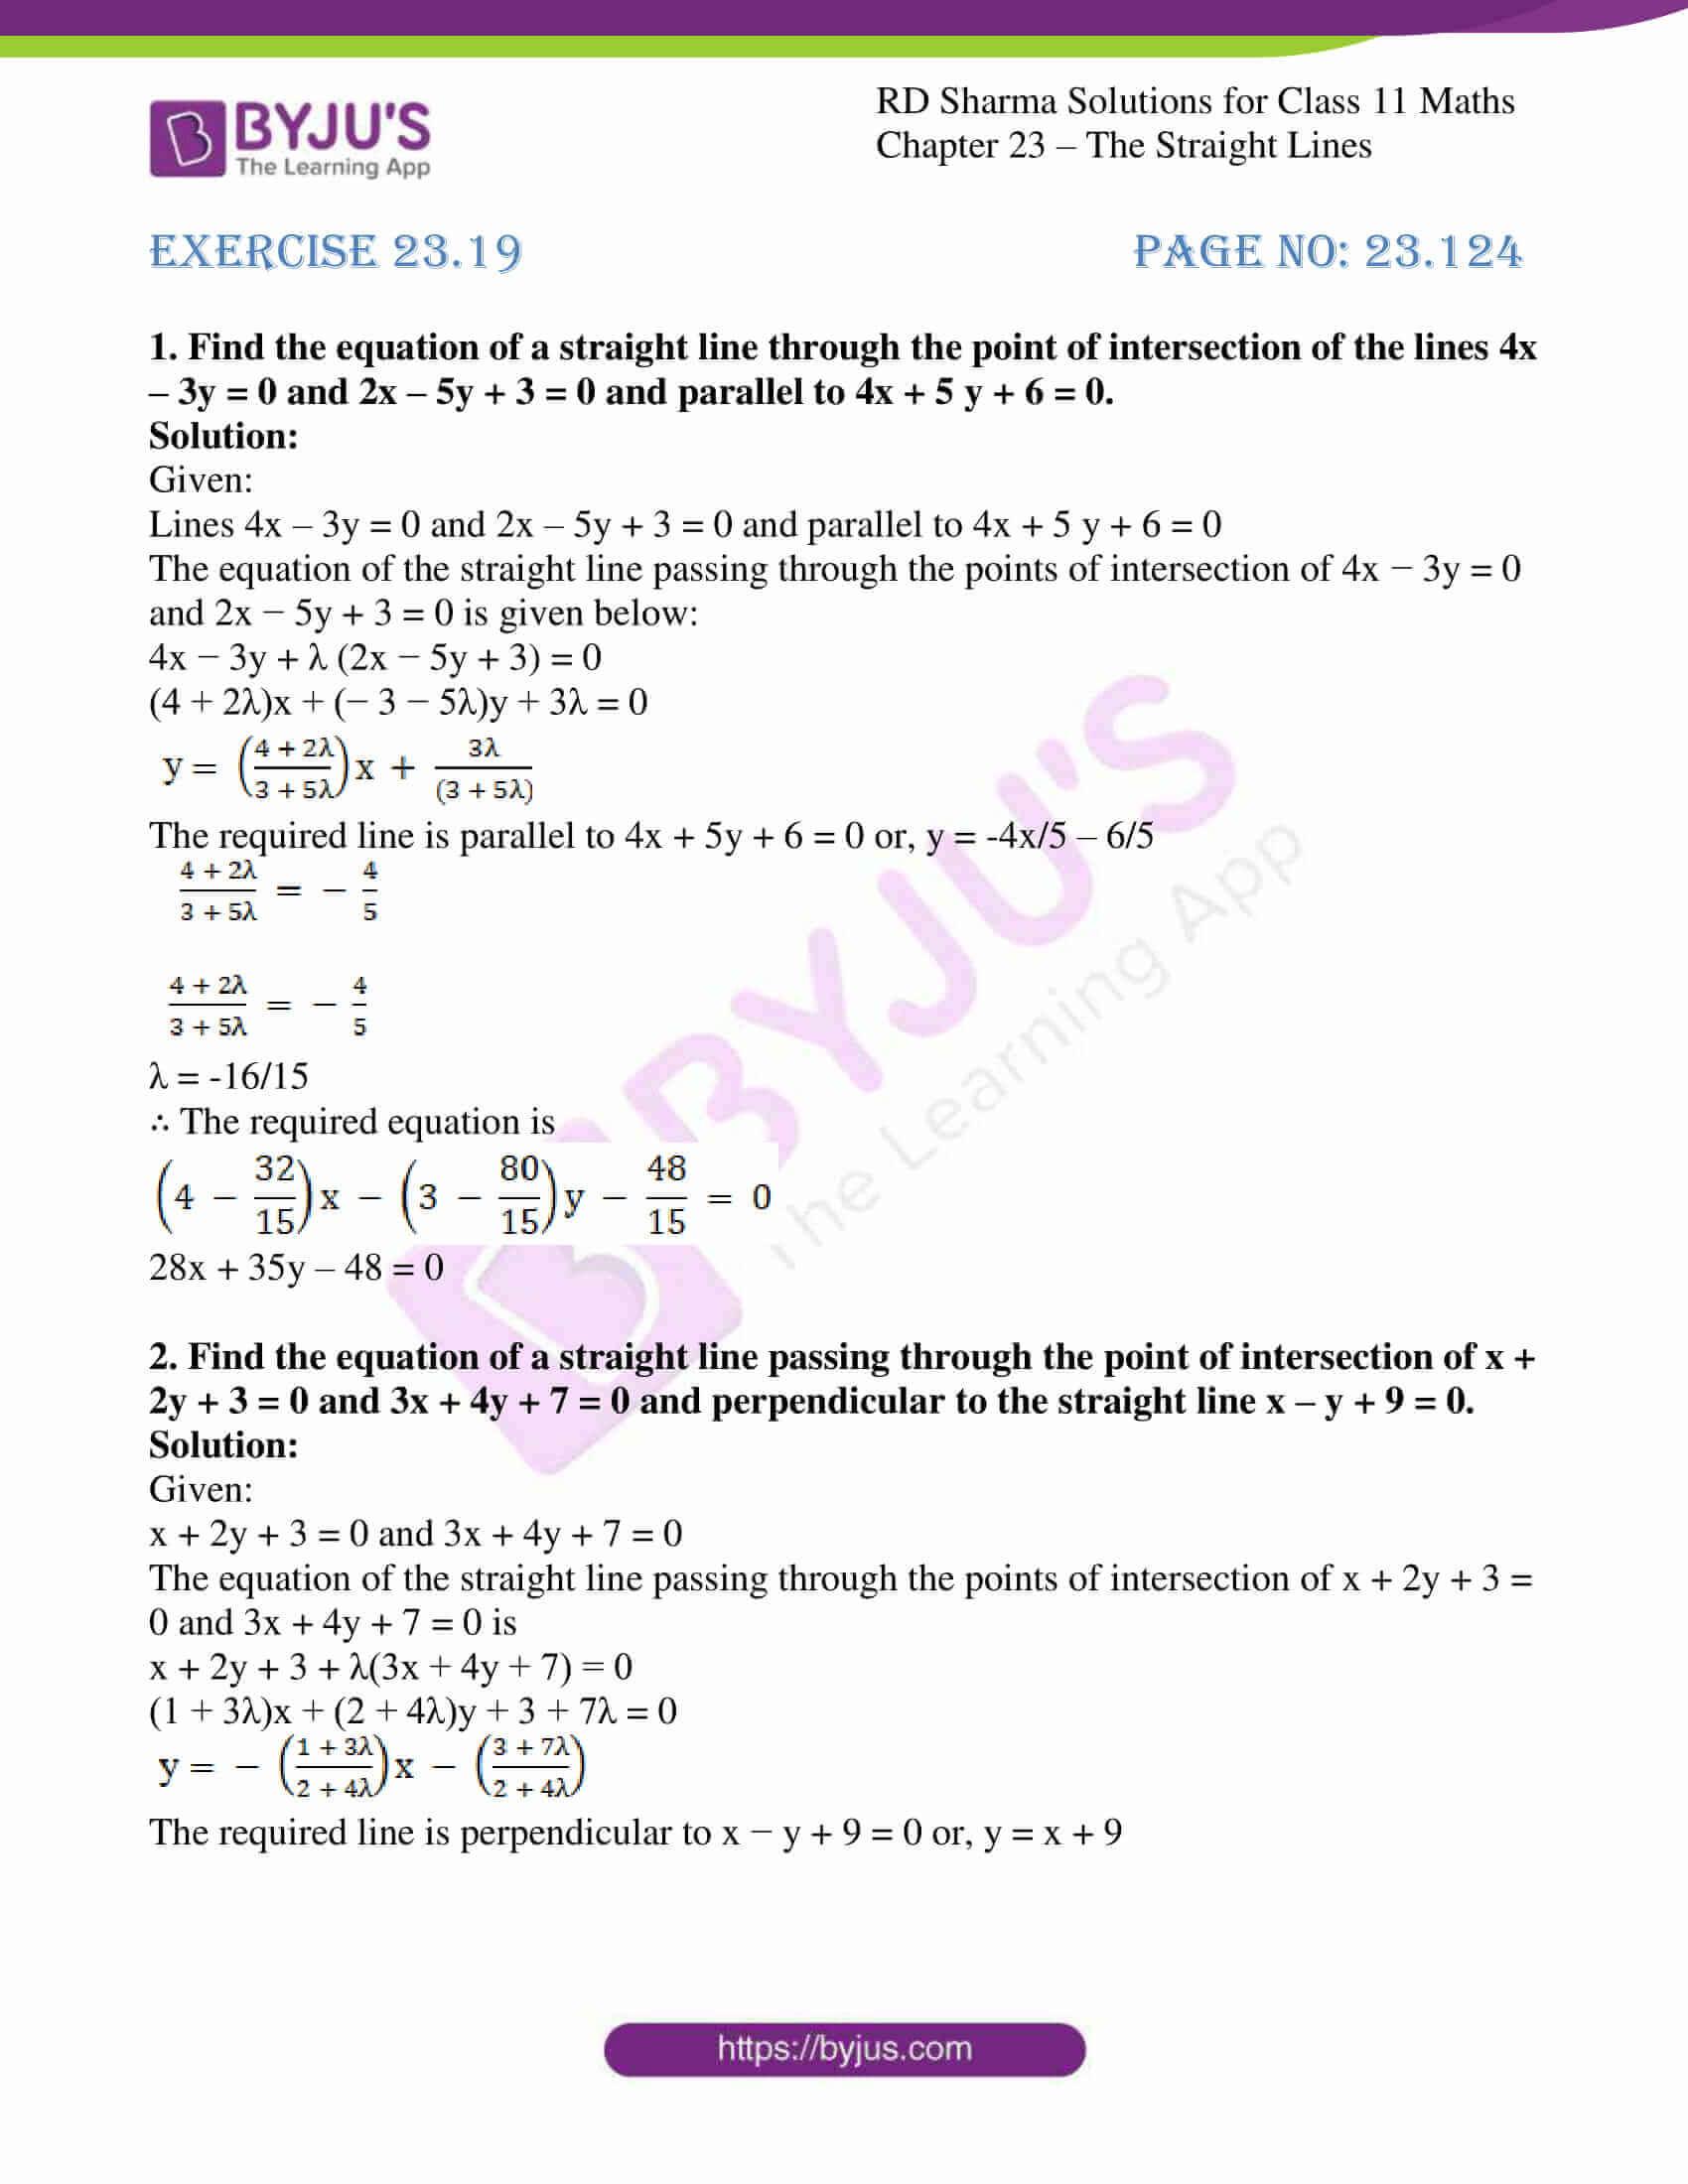 rd sharma class 11 maths chapter 23 ex 19 1